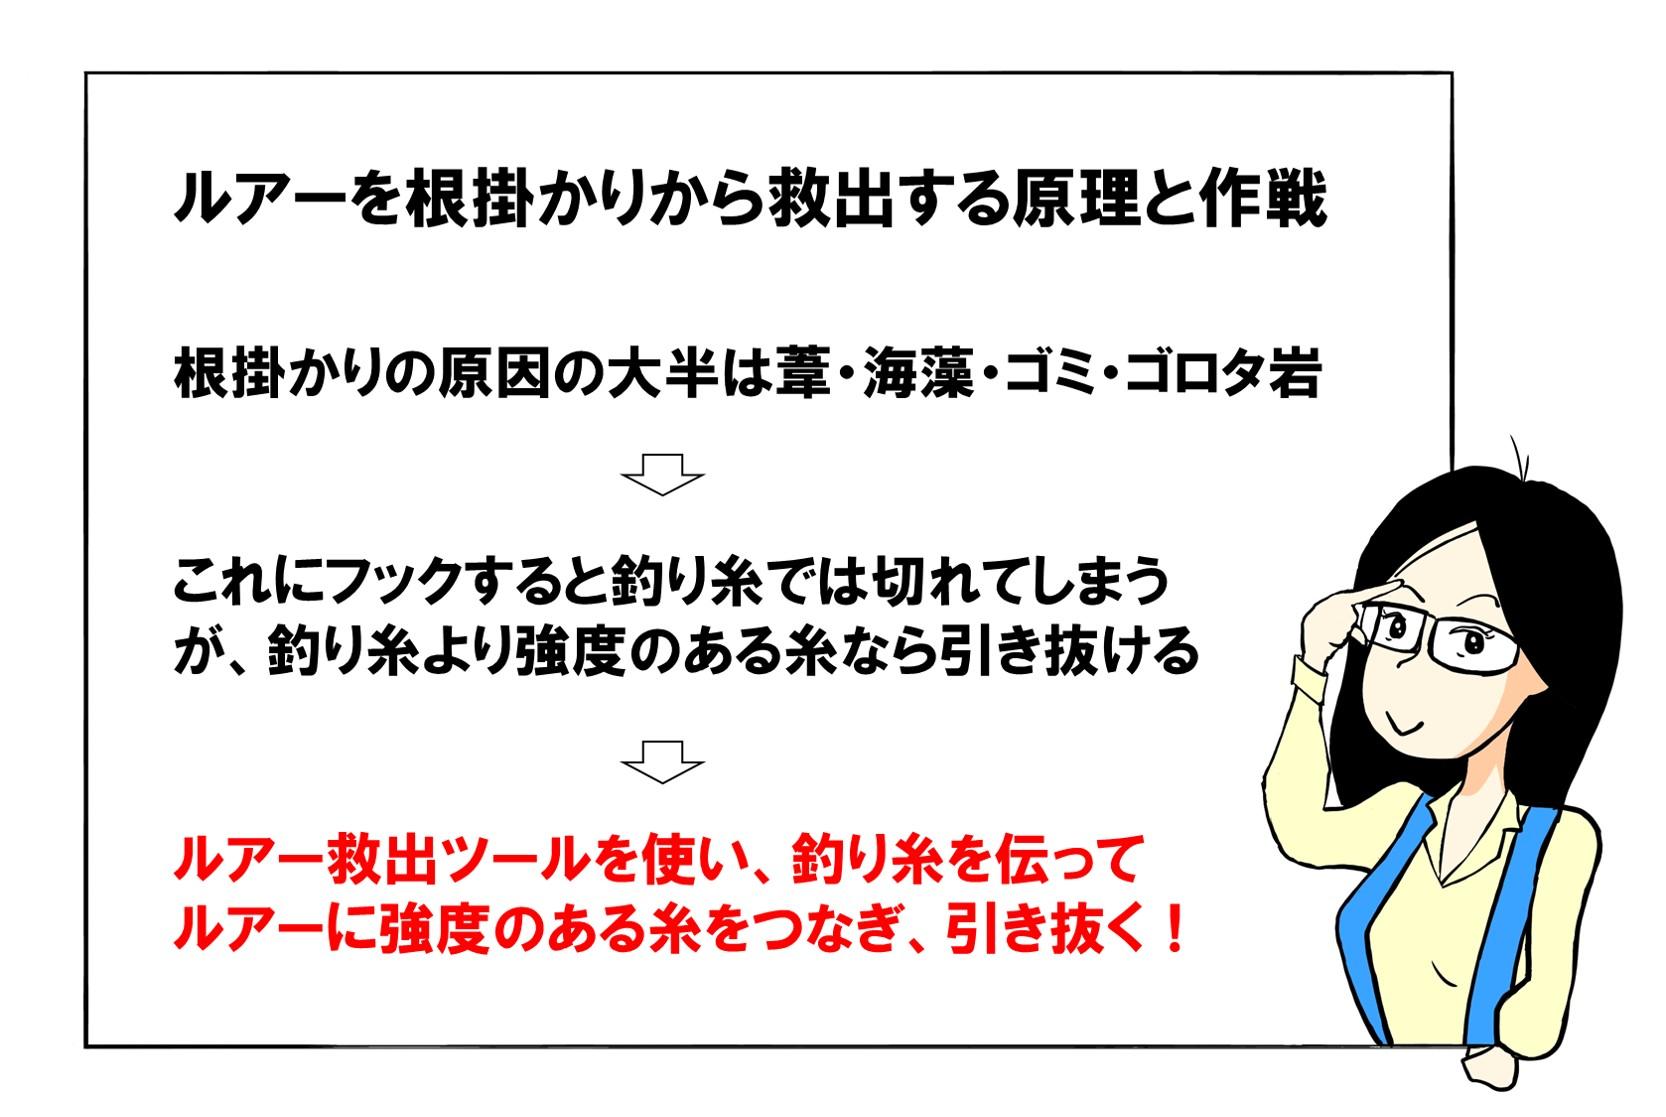 根掛かりルアー救出回収方法解説02